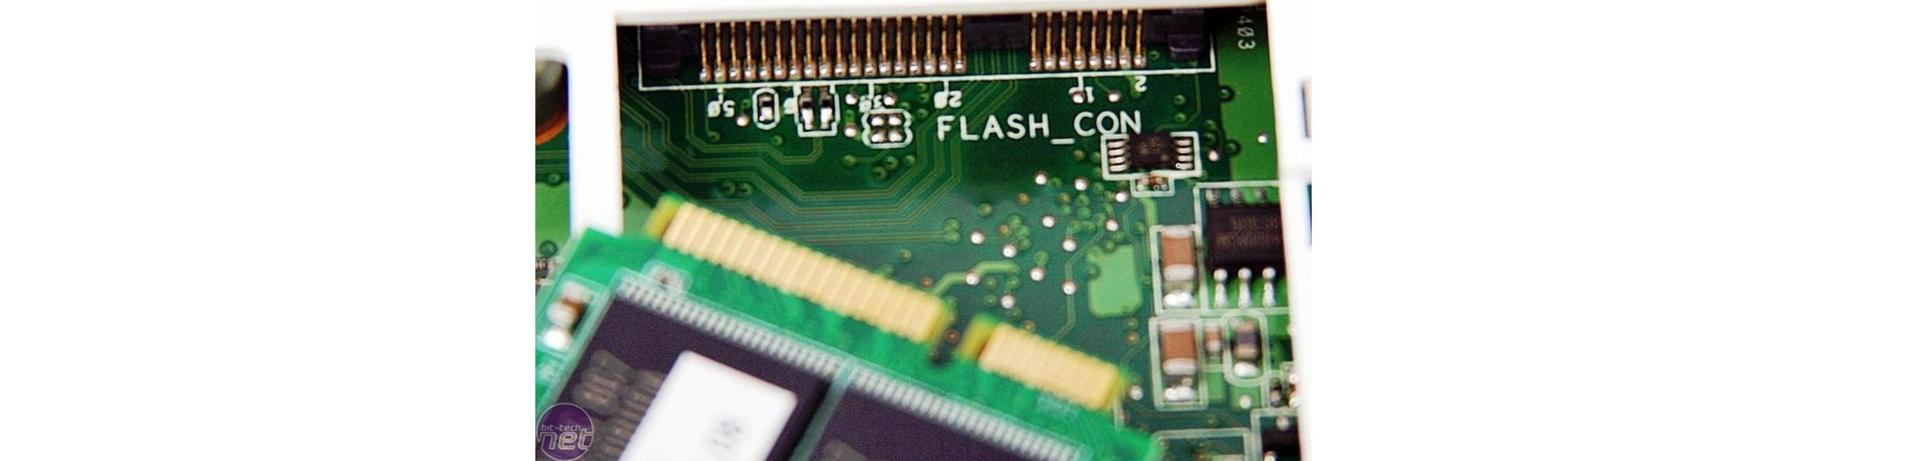 Дорогу молодым! Как SSD превратились в накопители будущего - 8